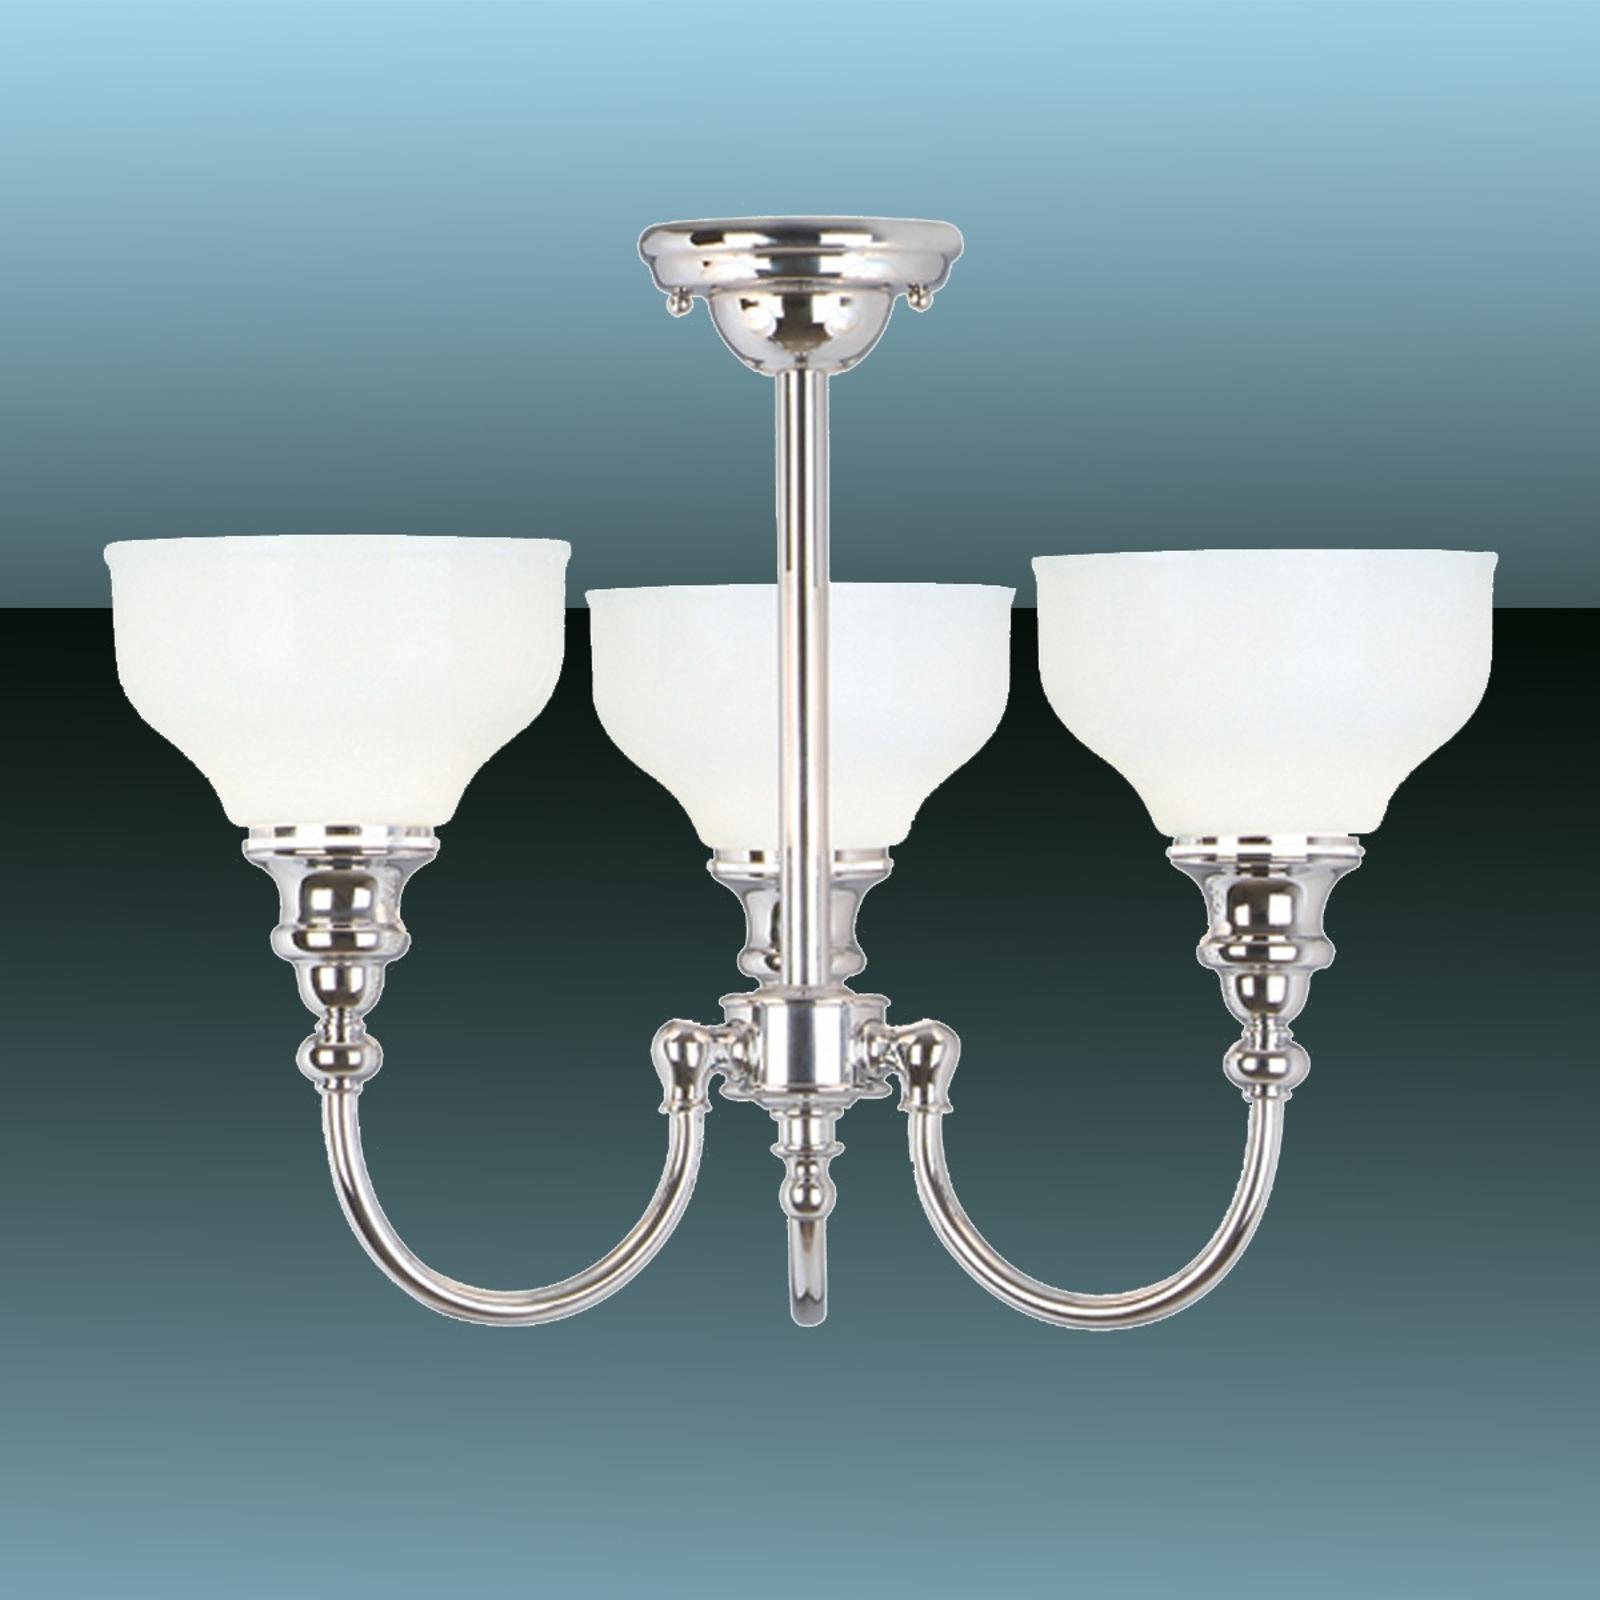 Kúpeľňové stropné svietidlo Cheadle, 3 zdroje_3048149_1